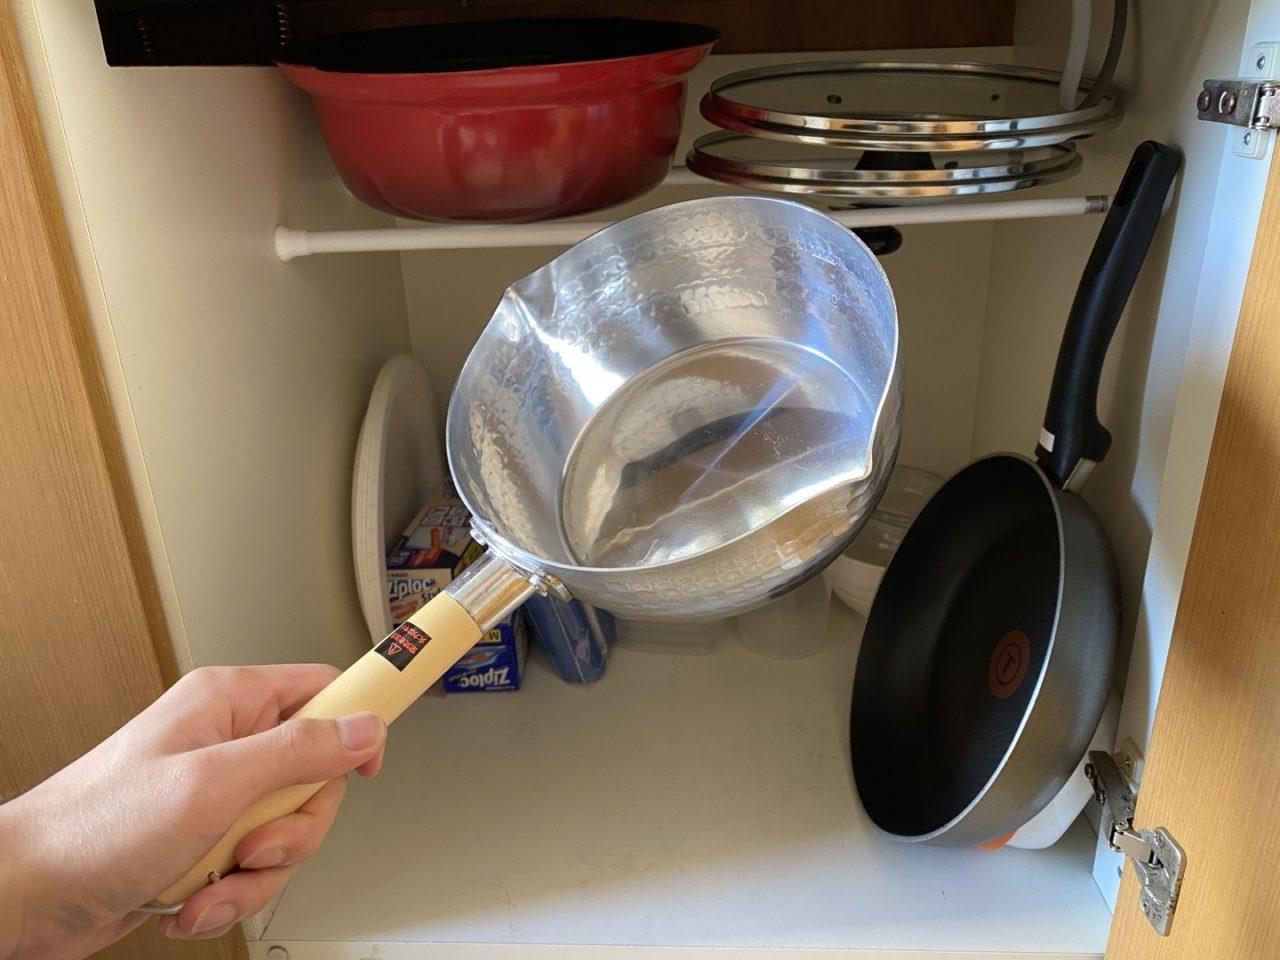 次は雪平鍋を収納